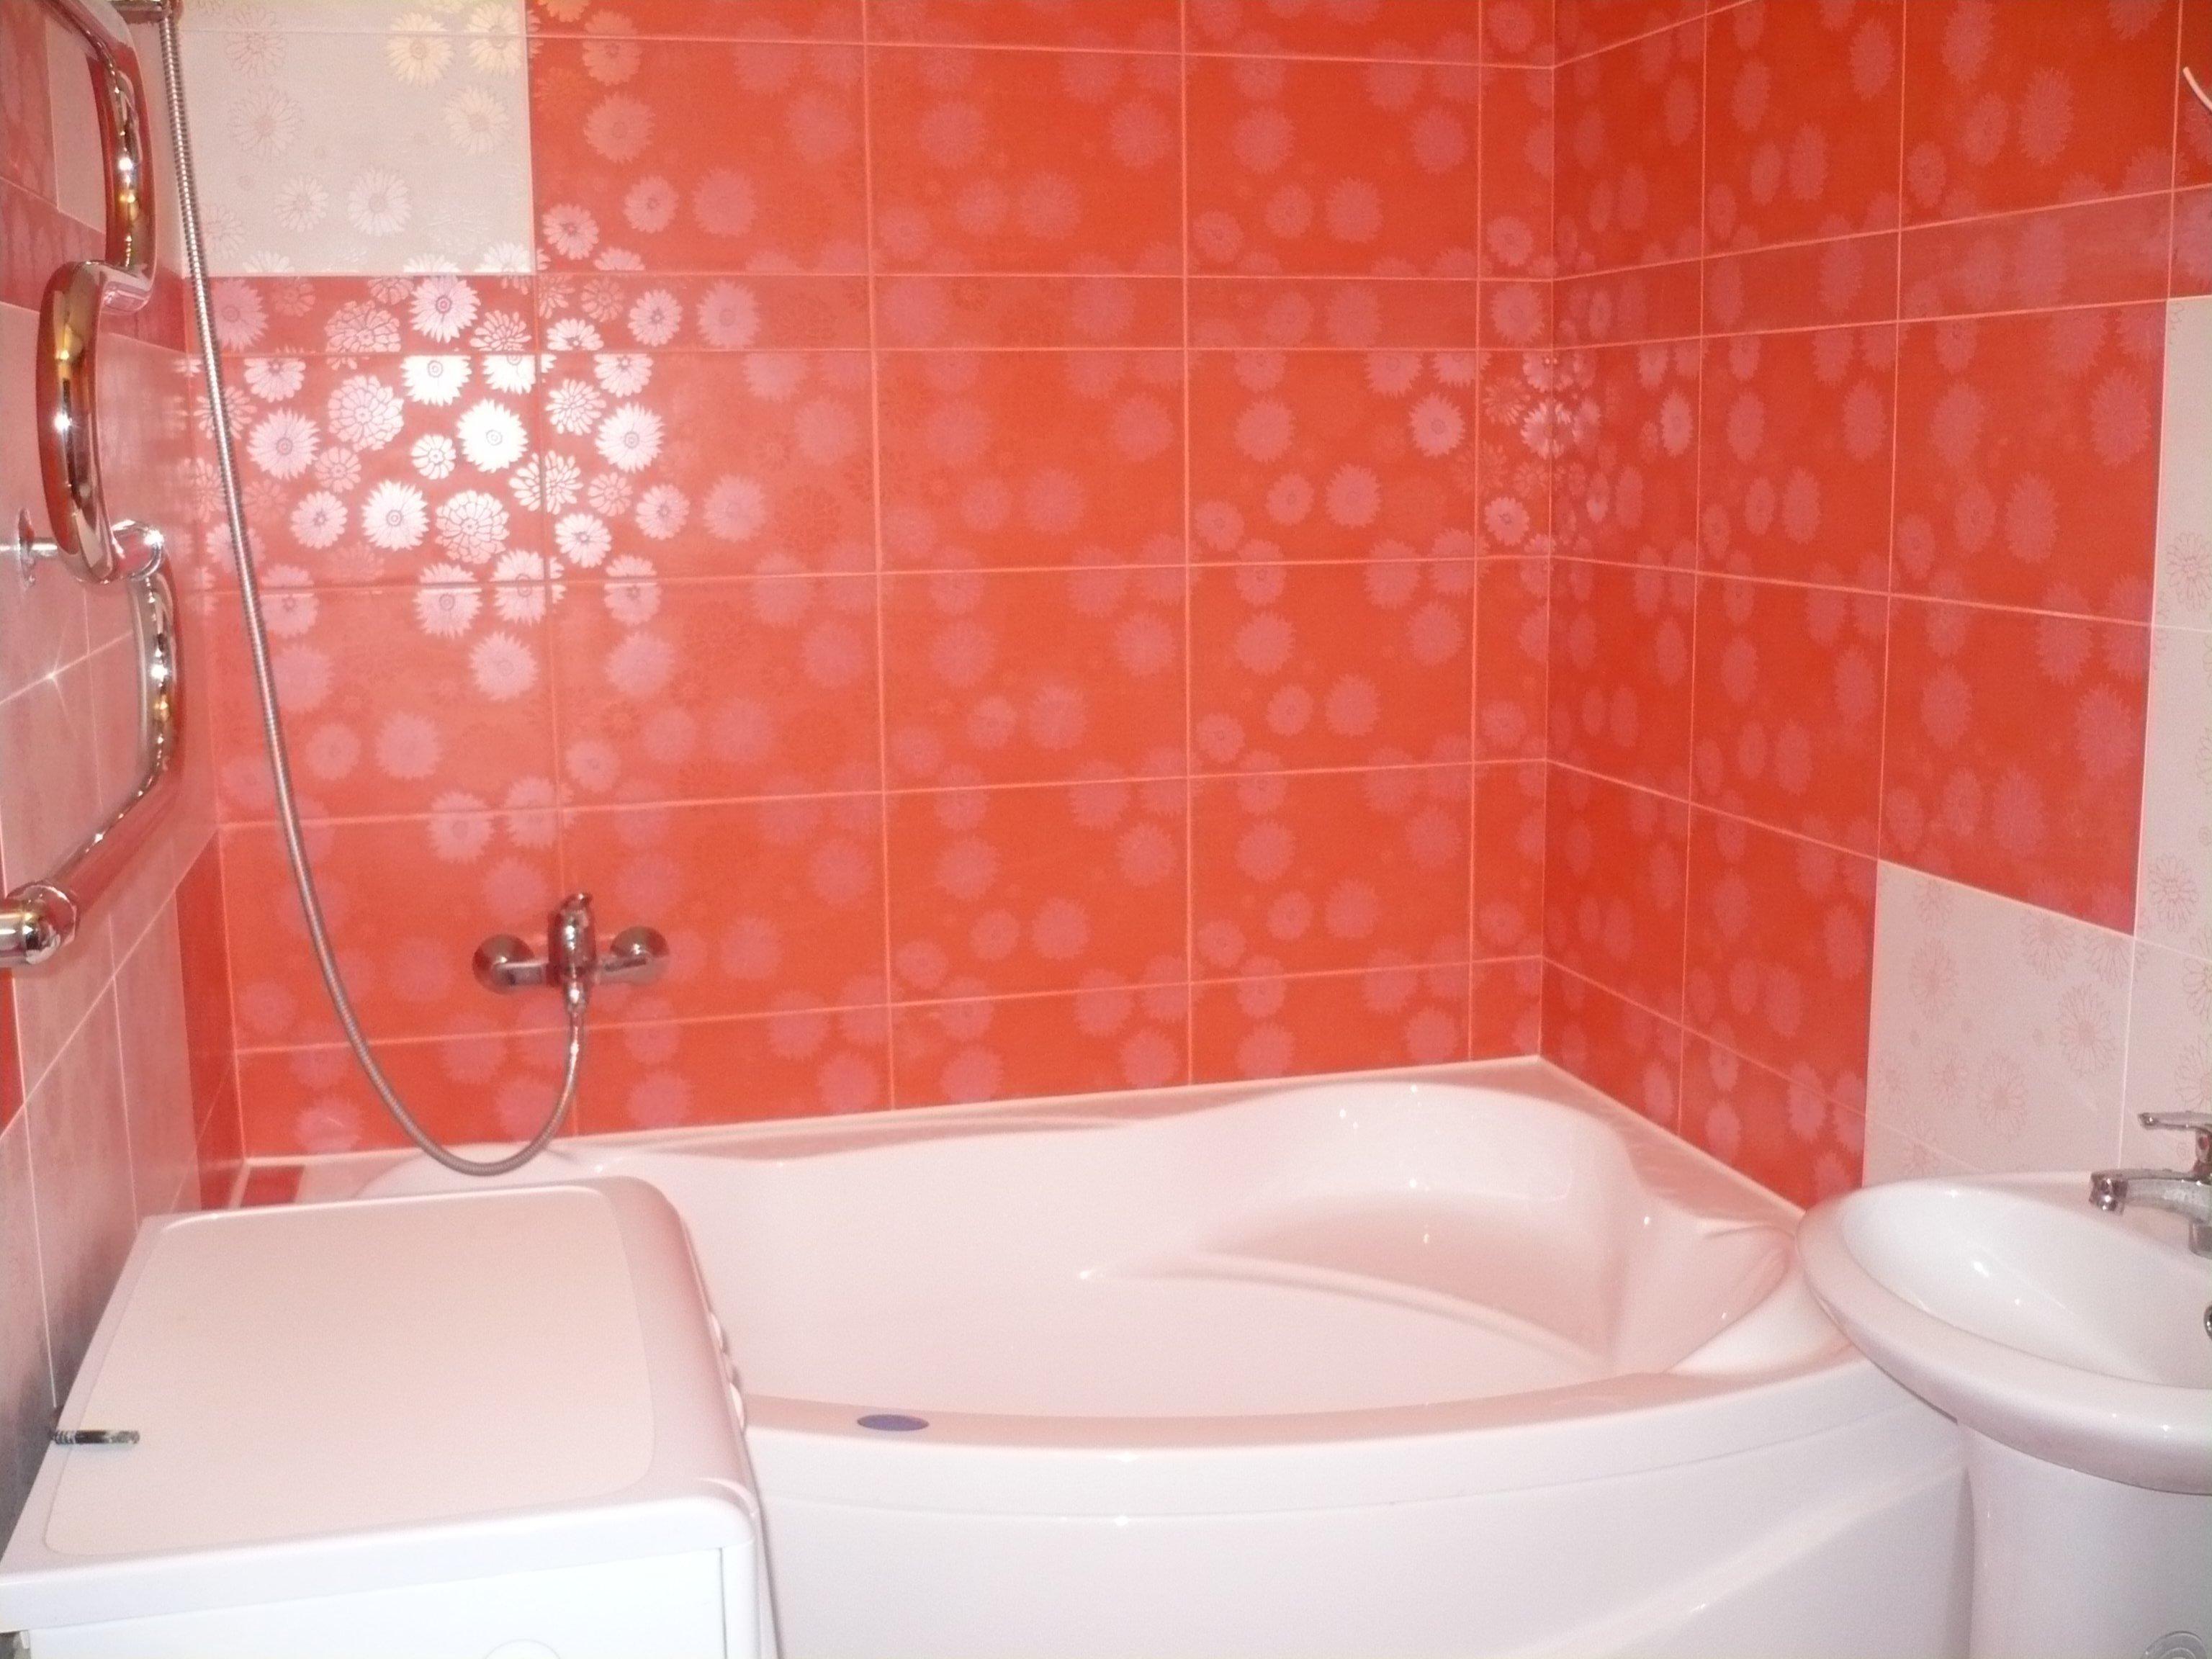 Как оформить ванную комнату своими руками дешево и красиво фото